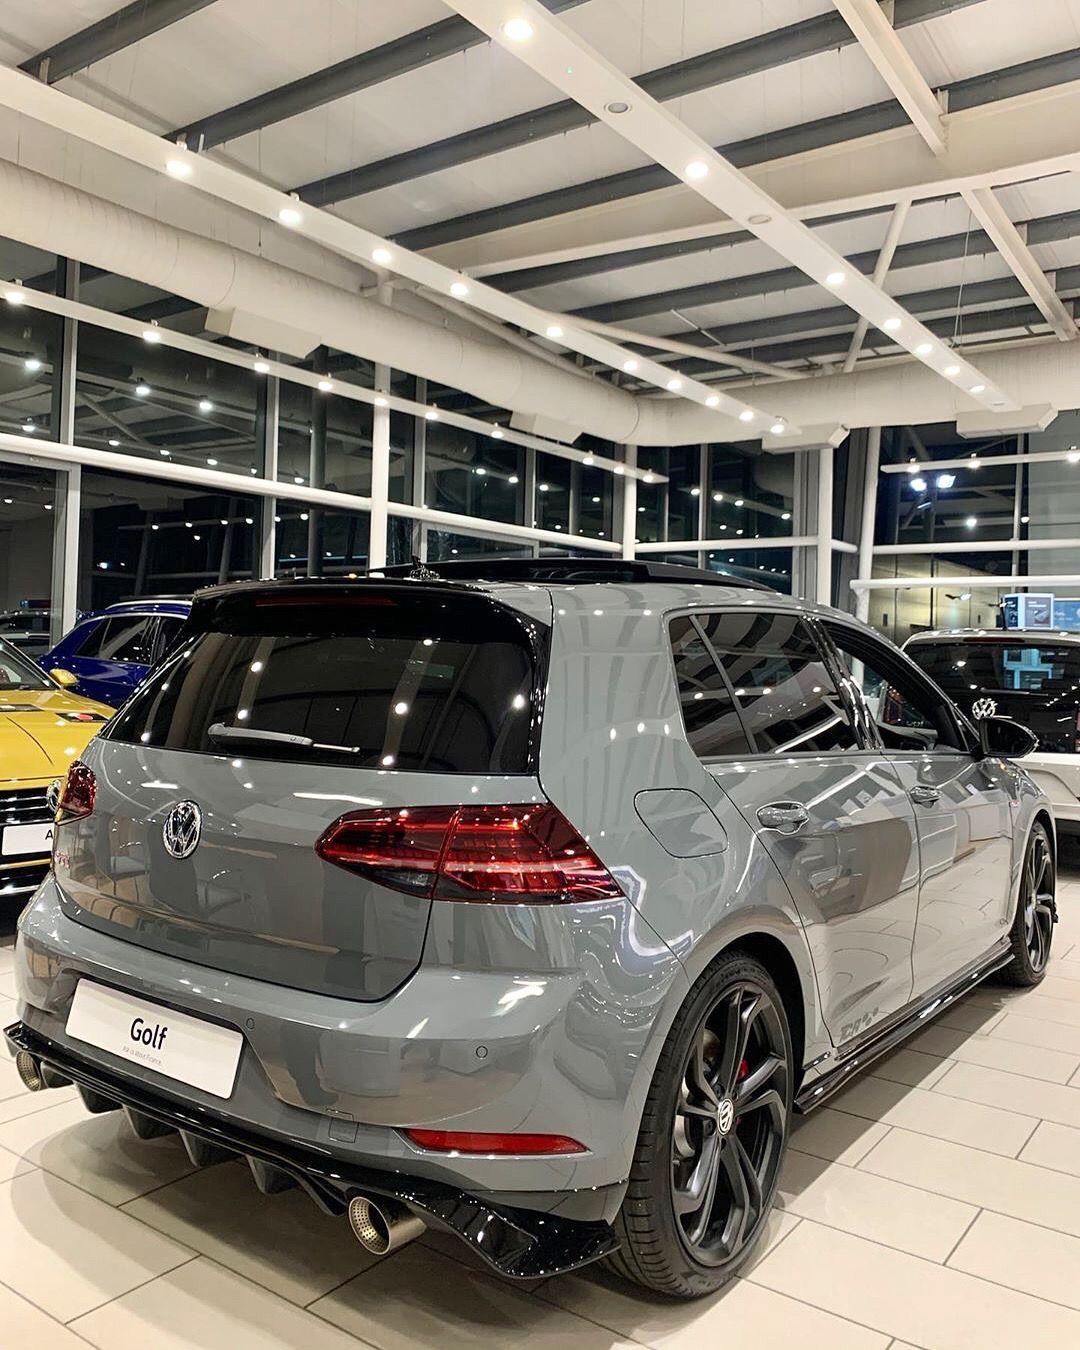 Nardo Grey Gti : nardo, Volkswagen